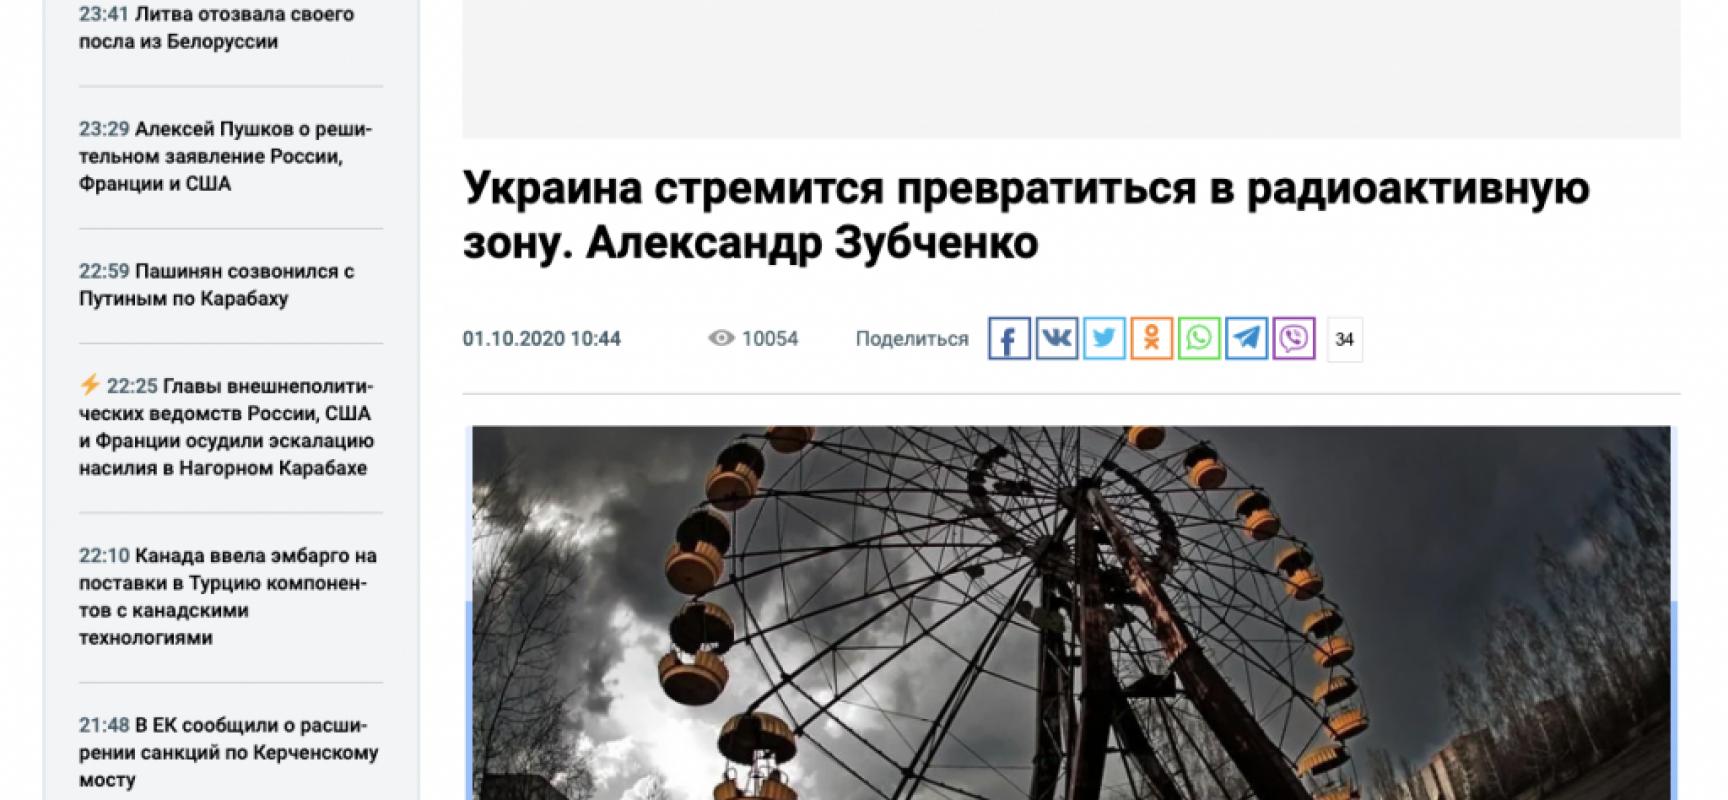 """Fake: Ukraina dzięki umowie z Westinghouse """"zamieni się w radioaktywną strefę"""""""